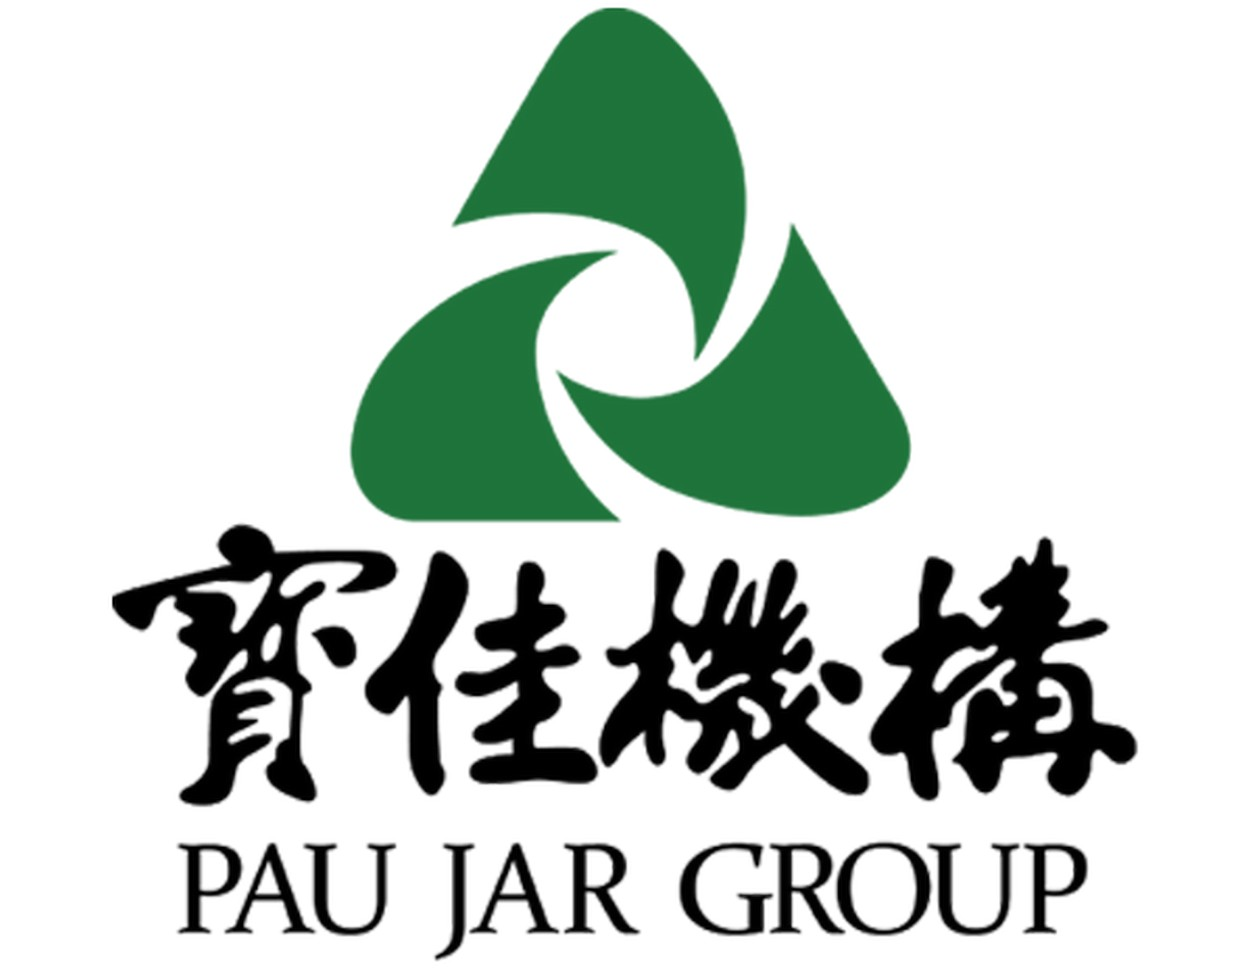 Logo chủ đầu tư dự án The Flemington - Tập đoàn Pau Jar